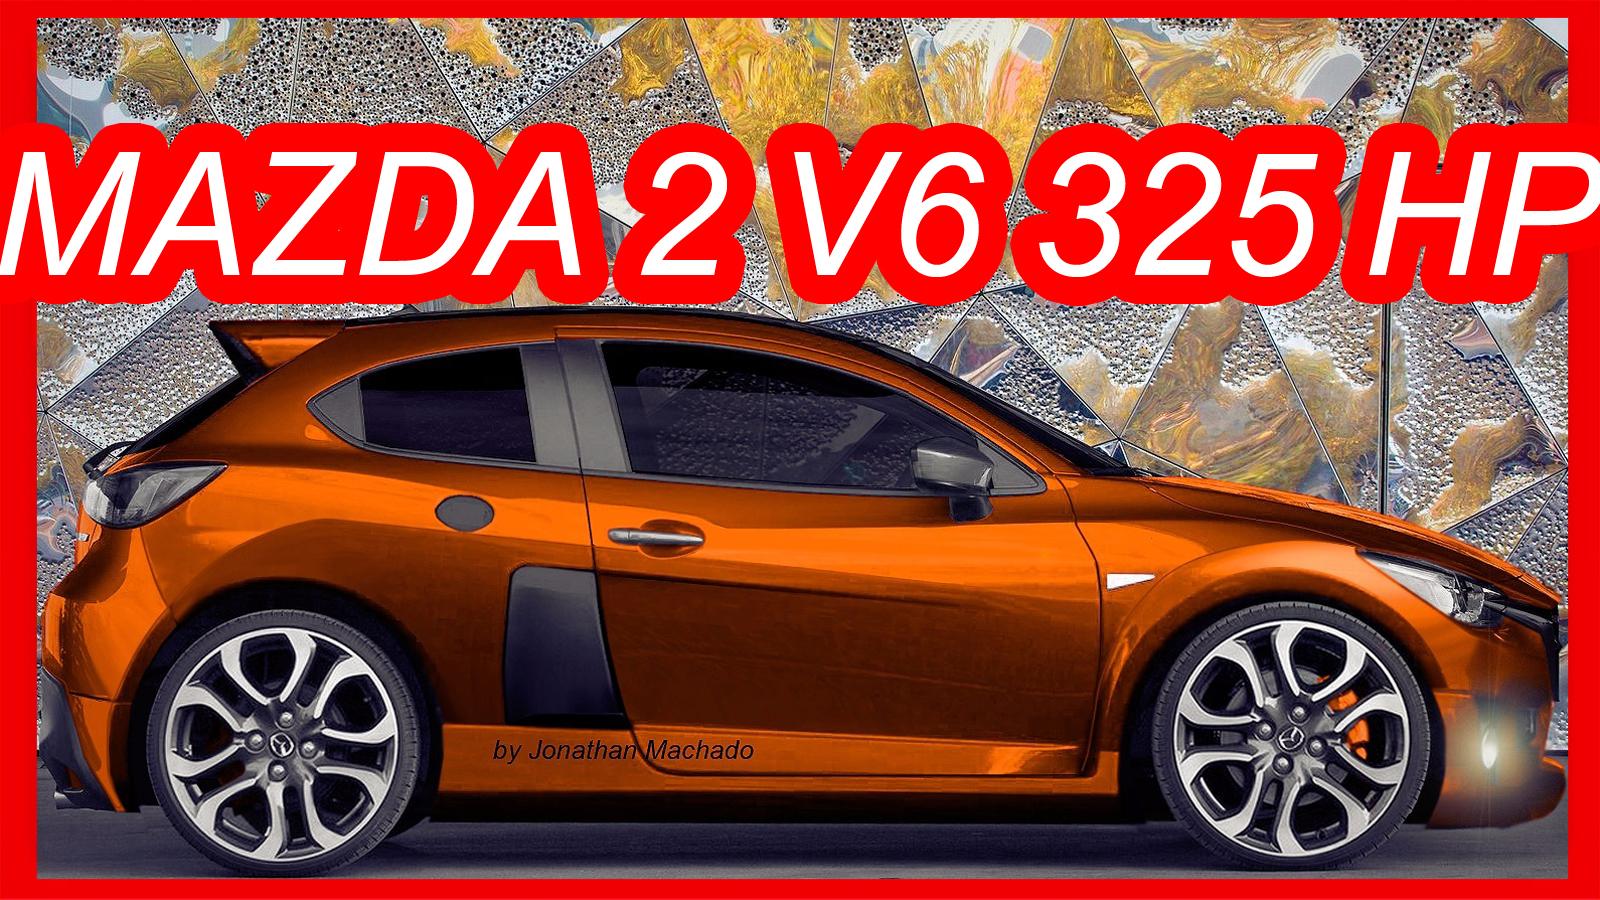 MAKING OF, PHOTOSHOP, Mazda, Mazda 2, Mazda 2 V6, Mazda 2 2.7, Ford, Mazda  2 EcoBoost, Mazda 2 Twin Turbo, Mazda 2 Turbo, Mazda 2 325 Hp,